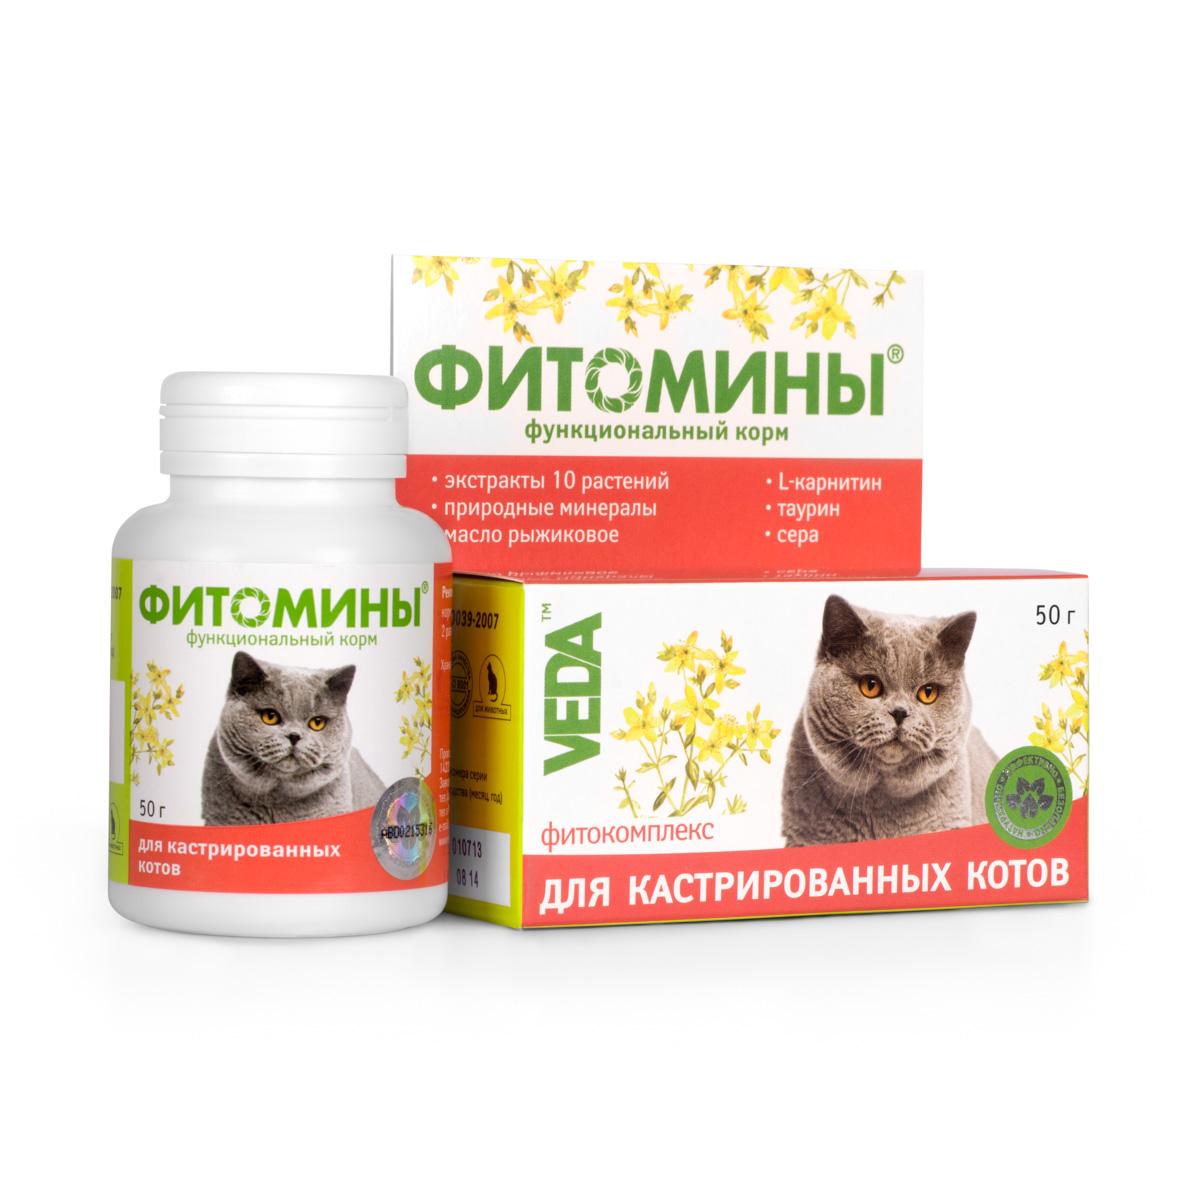 Корм VEDA Фитомины для кастрированных котов, функциональный, 50 г4605543005831Корм функциональный VEDA Фитомины рекомендуется кастрированным котам и стерилизованным кошкам:- для укрепления здоровья и улучшения качества жизни; - для снижения риска развития мочекаменной болезни и ожирения.Состав: лактоза; крахмал; дрожжи пивные; фитокомплекс: листьев березы, створок фасоли, листьев подорожника большого, травы душицы, корней одуванчика, травы тысячелистника, цветков ноготков, травы зверобоя, цветков лабазника вязолистного, листьев мяты перечной; природный минеральный комплекс; паровая рыбная мука; стеарат кальция; масло рыжиковое; L-карнитин; таурин; сера. Товар сертифицирован.Чем кормить пожилых кошек: советы ветеринара. Статья OZON Гид